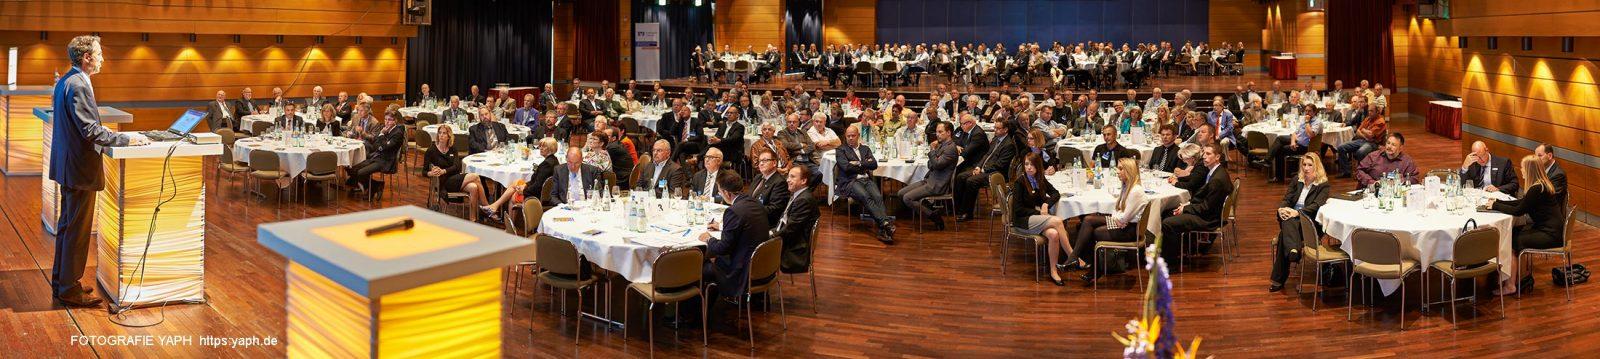 Eventfotograf für Veranstaltung, Events und Presse Yaph, Dokumentation: Vertriebsversammlung Volksbank Trier eg in der Europahalle in Trier